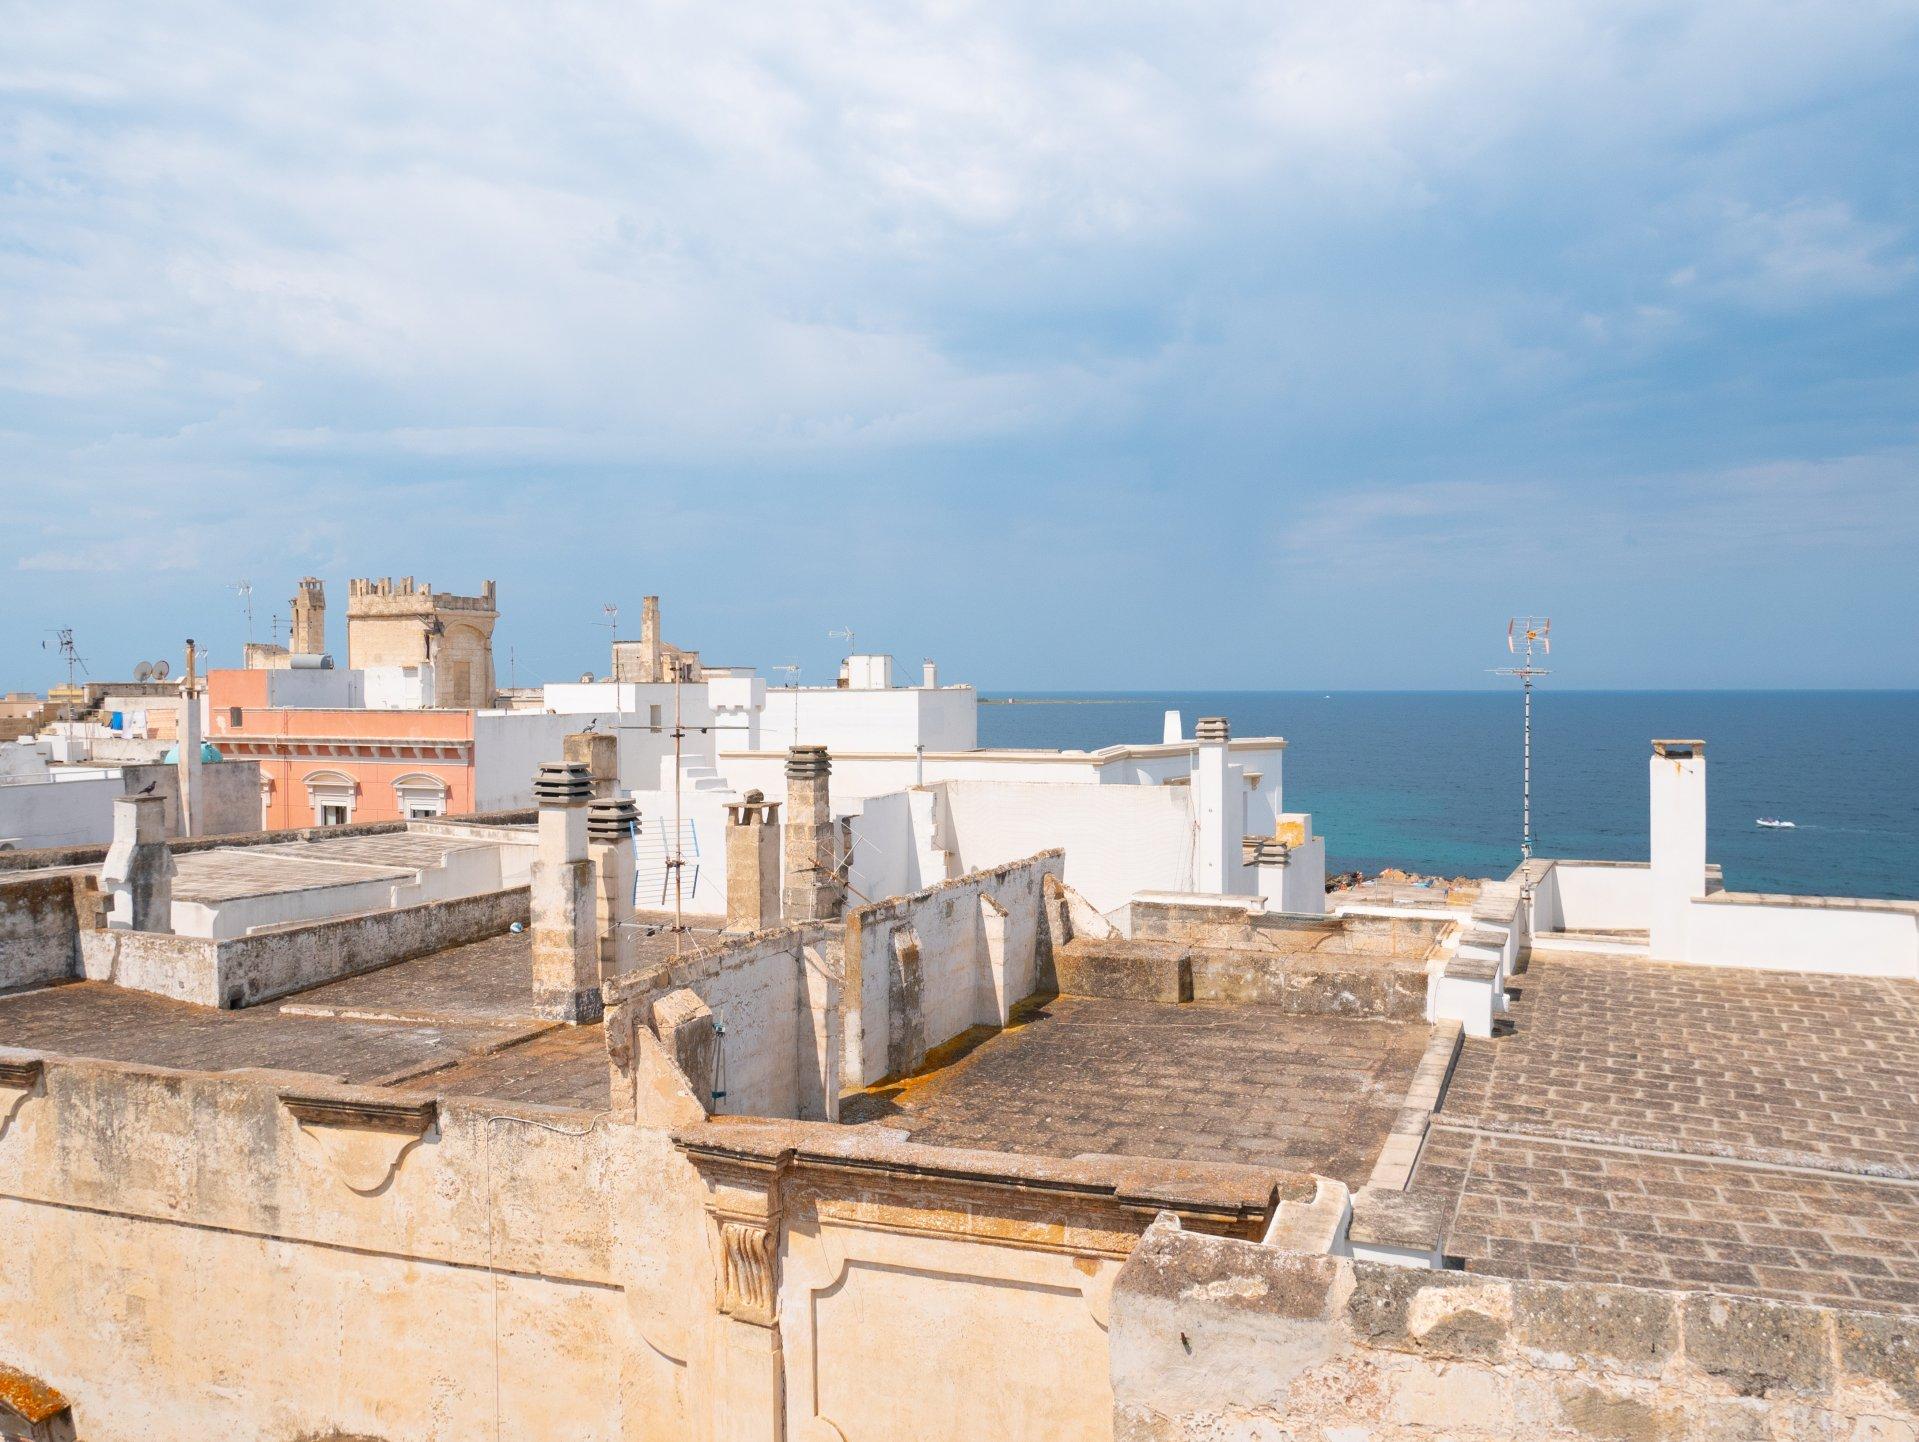 Bâtiment d'époque dans la vieille ville de Gallipoli, vue mer, terrasse sur le toit